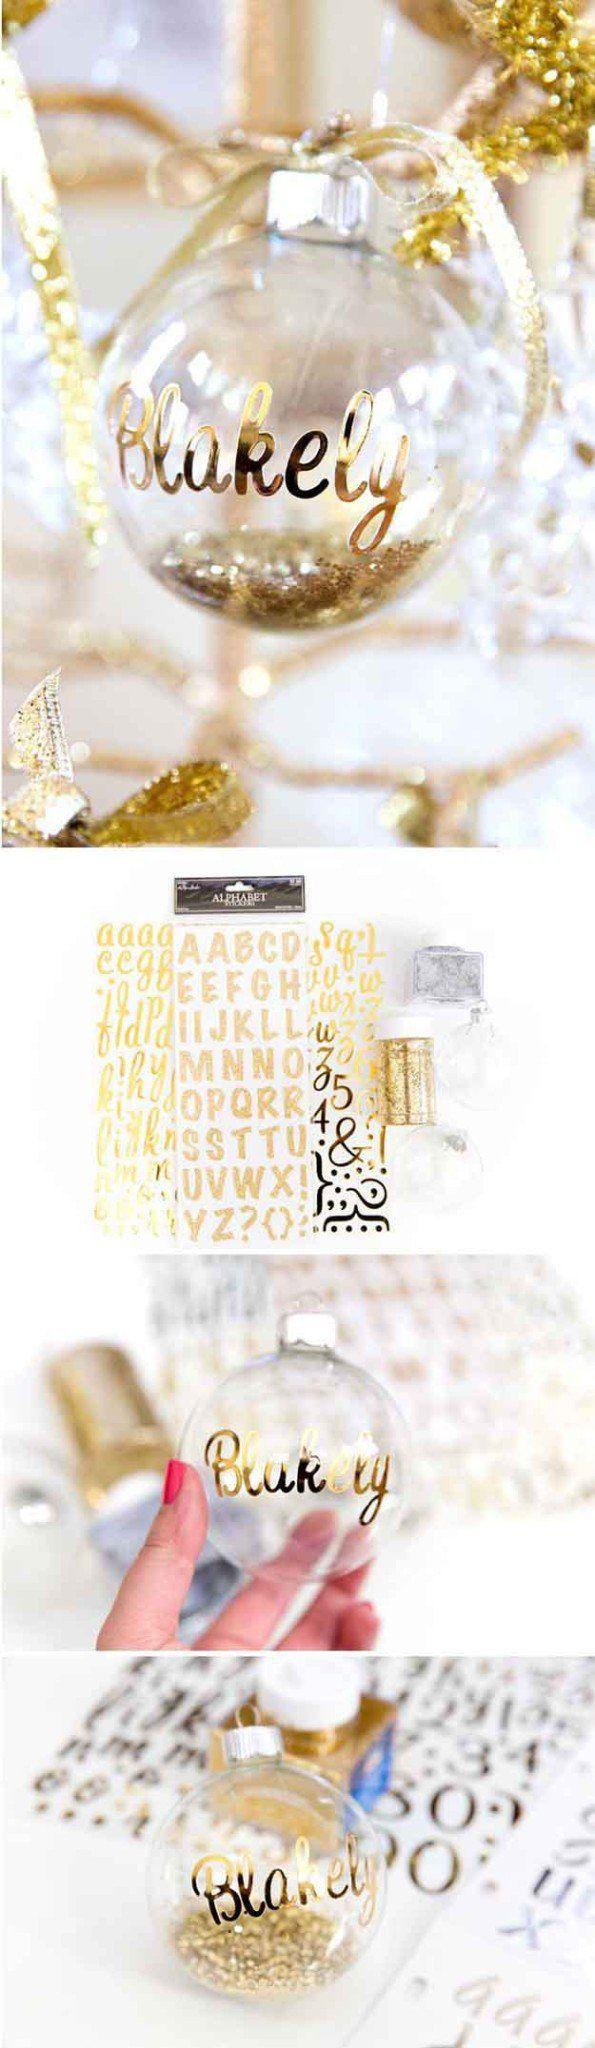 Bricolaje Adornos personalizados   27 espectacularmente DIY fácil ornamentos de navidad, ver más en http://artesaniasdebricolaje.ru/spectacularly-easy-diy-ornaments-for-your-christmas-tree